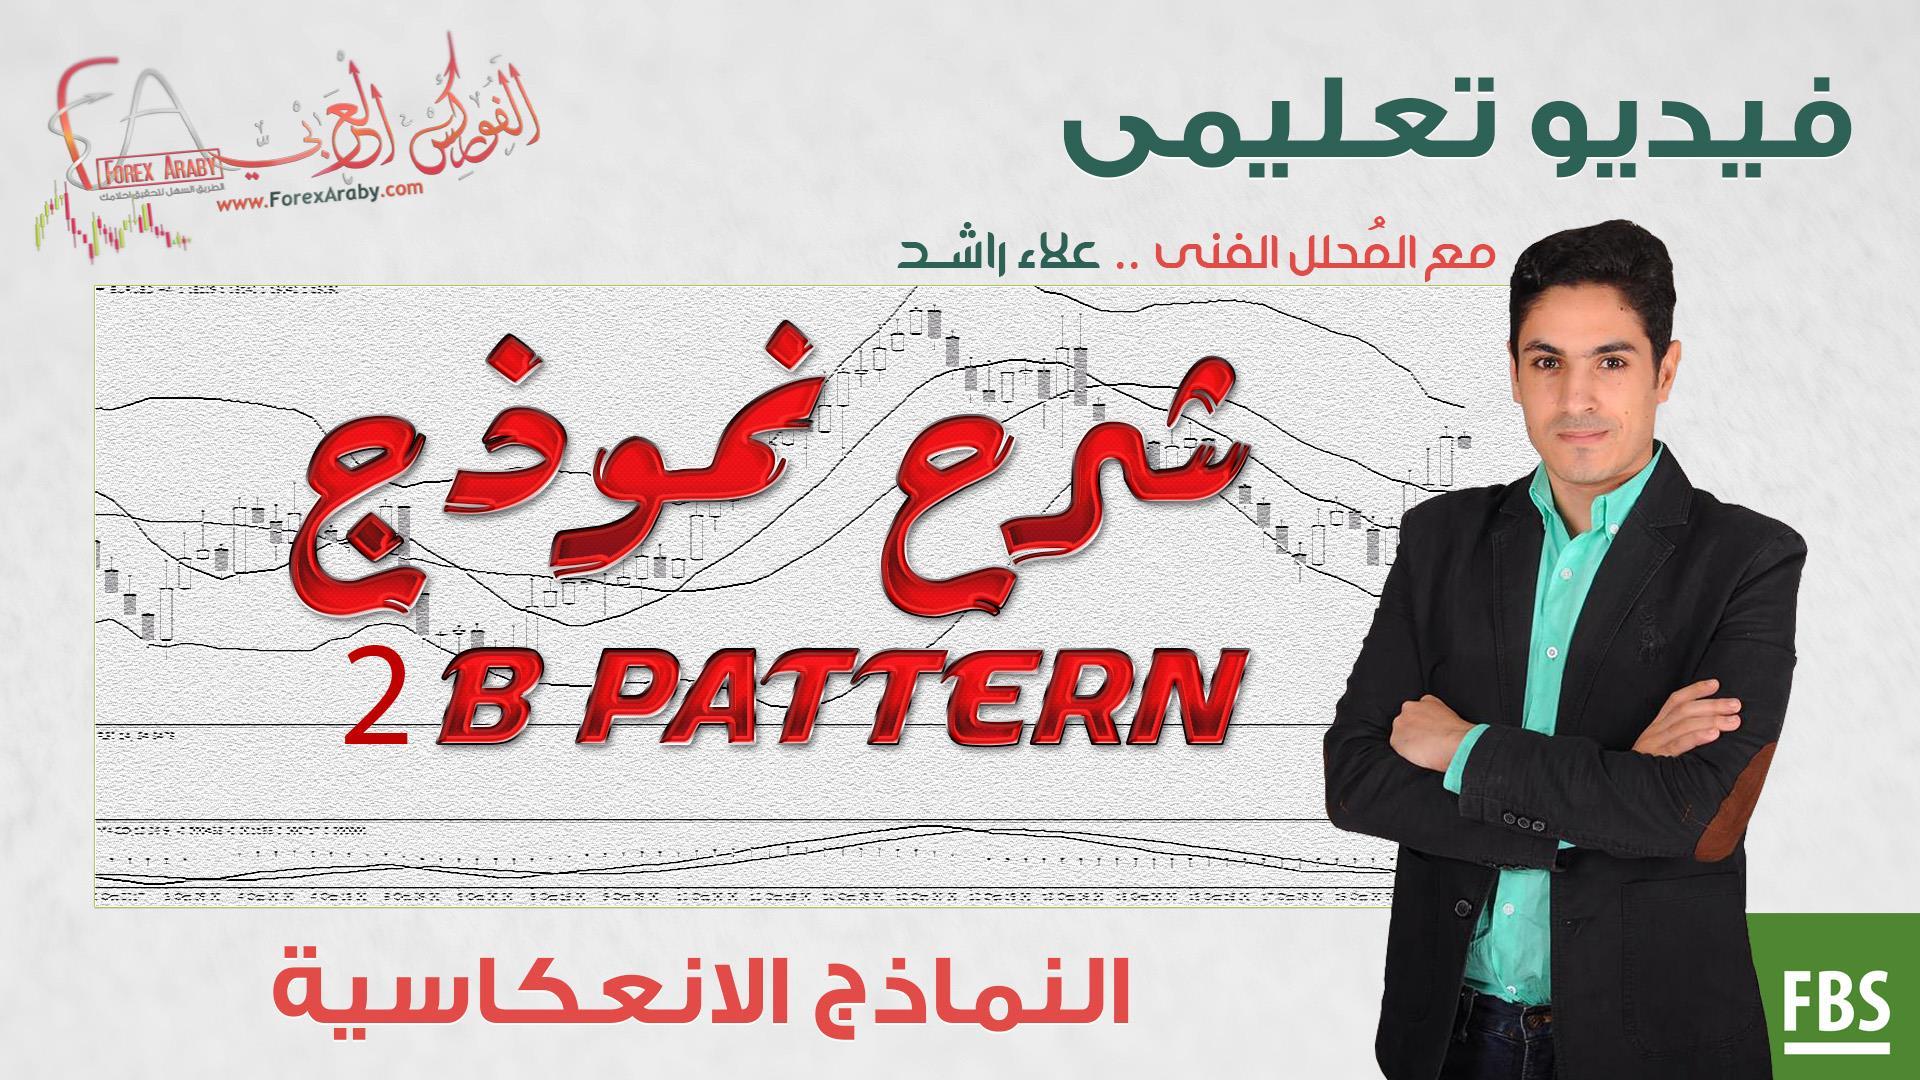 شرح نموذج 2B pattern